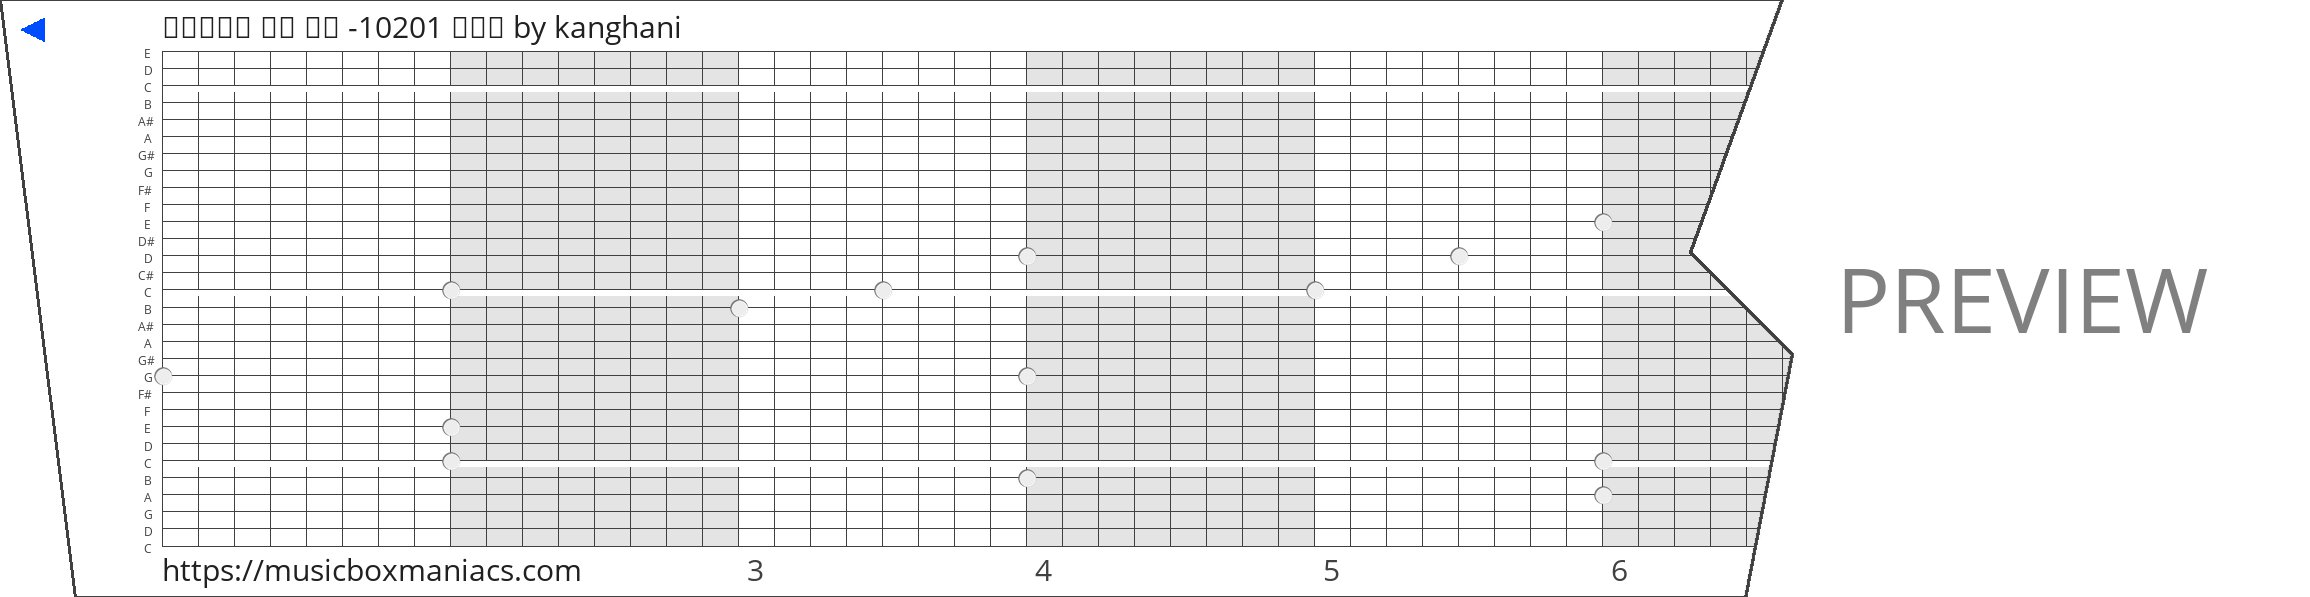 할아버지의 낡은 시계 -10201 강한이 30 note music box paper strip